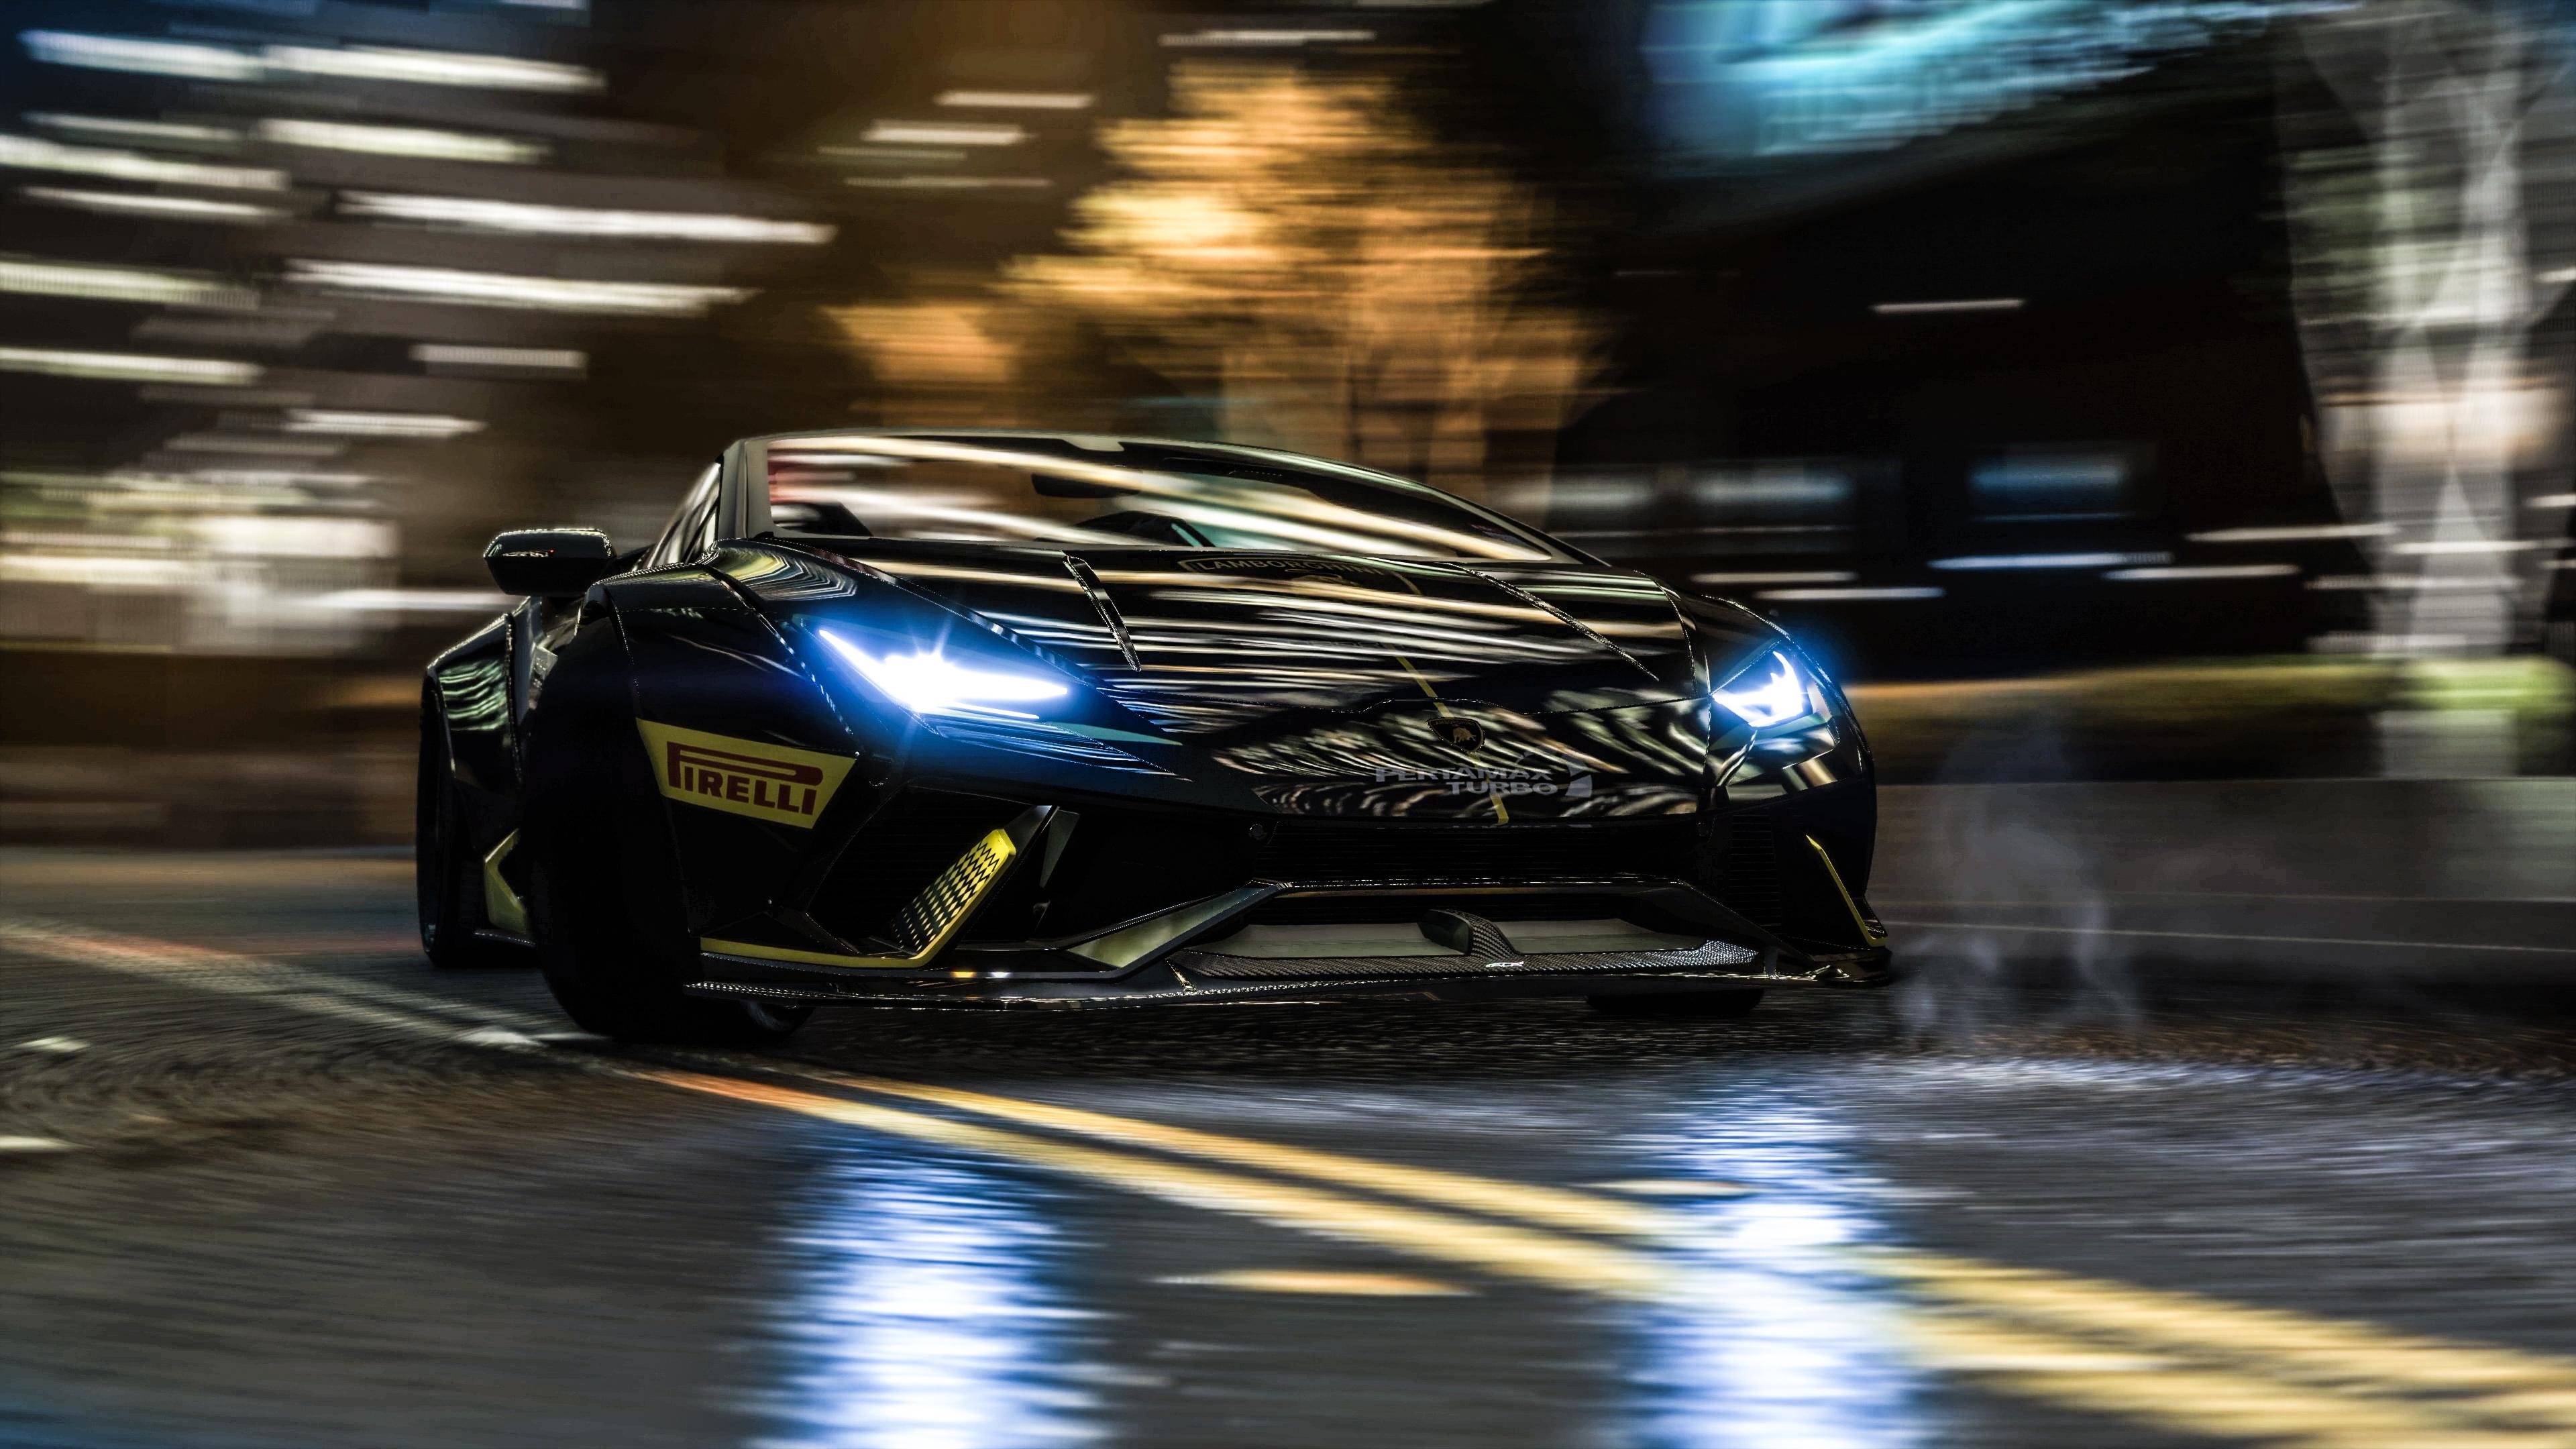 Wallpaper 4k Gta V Lamborghini In Motion 4k 4k